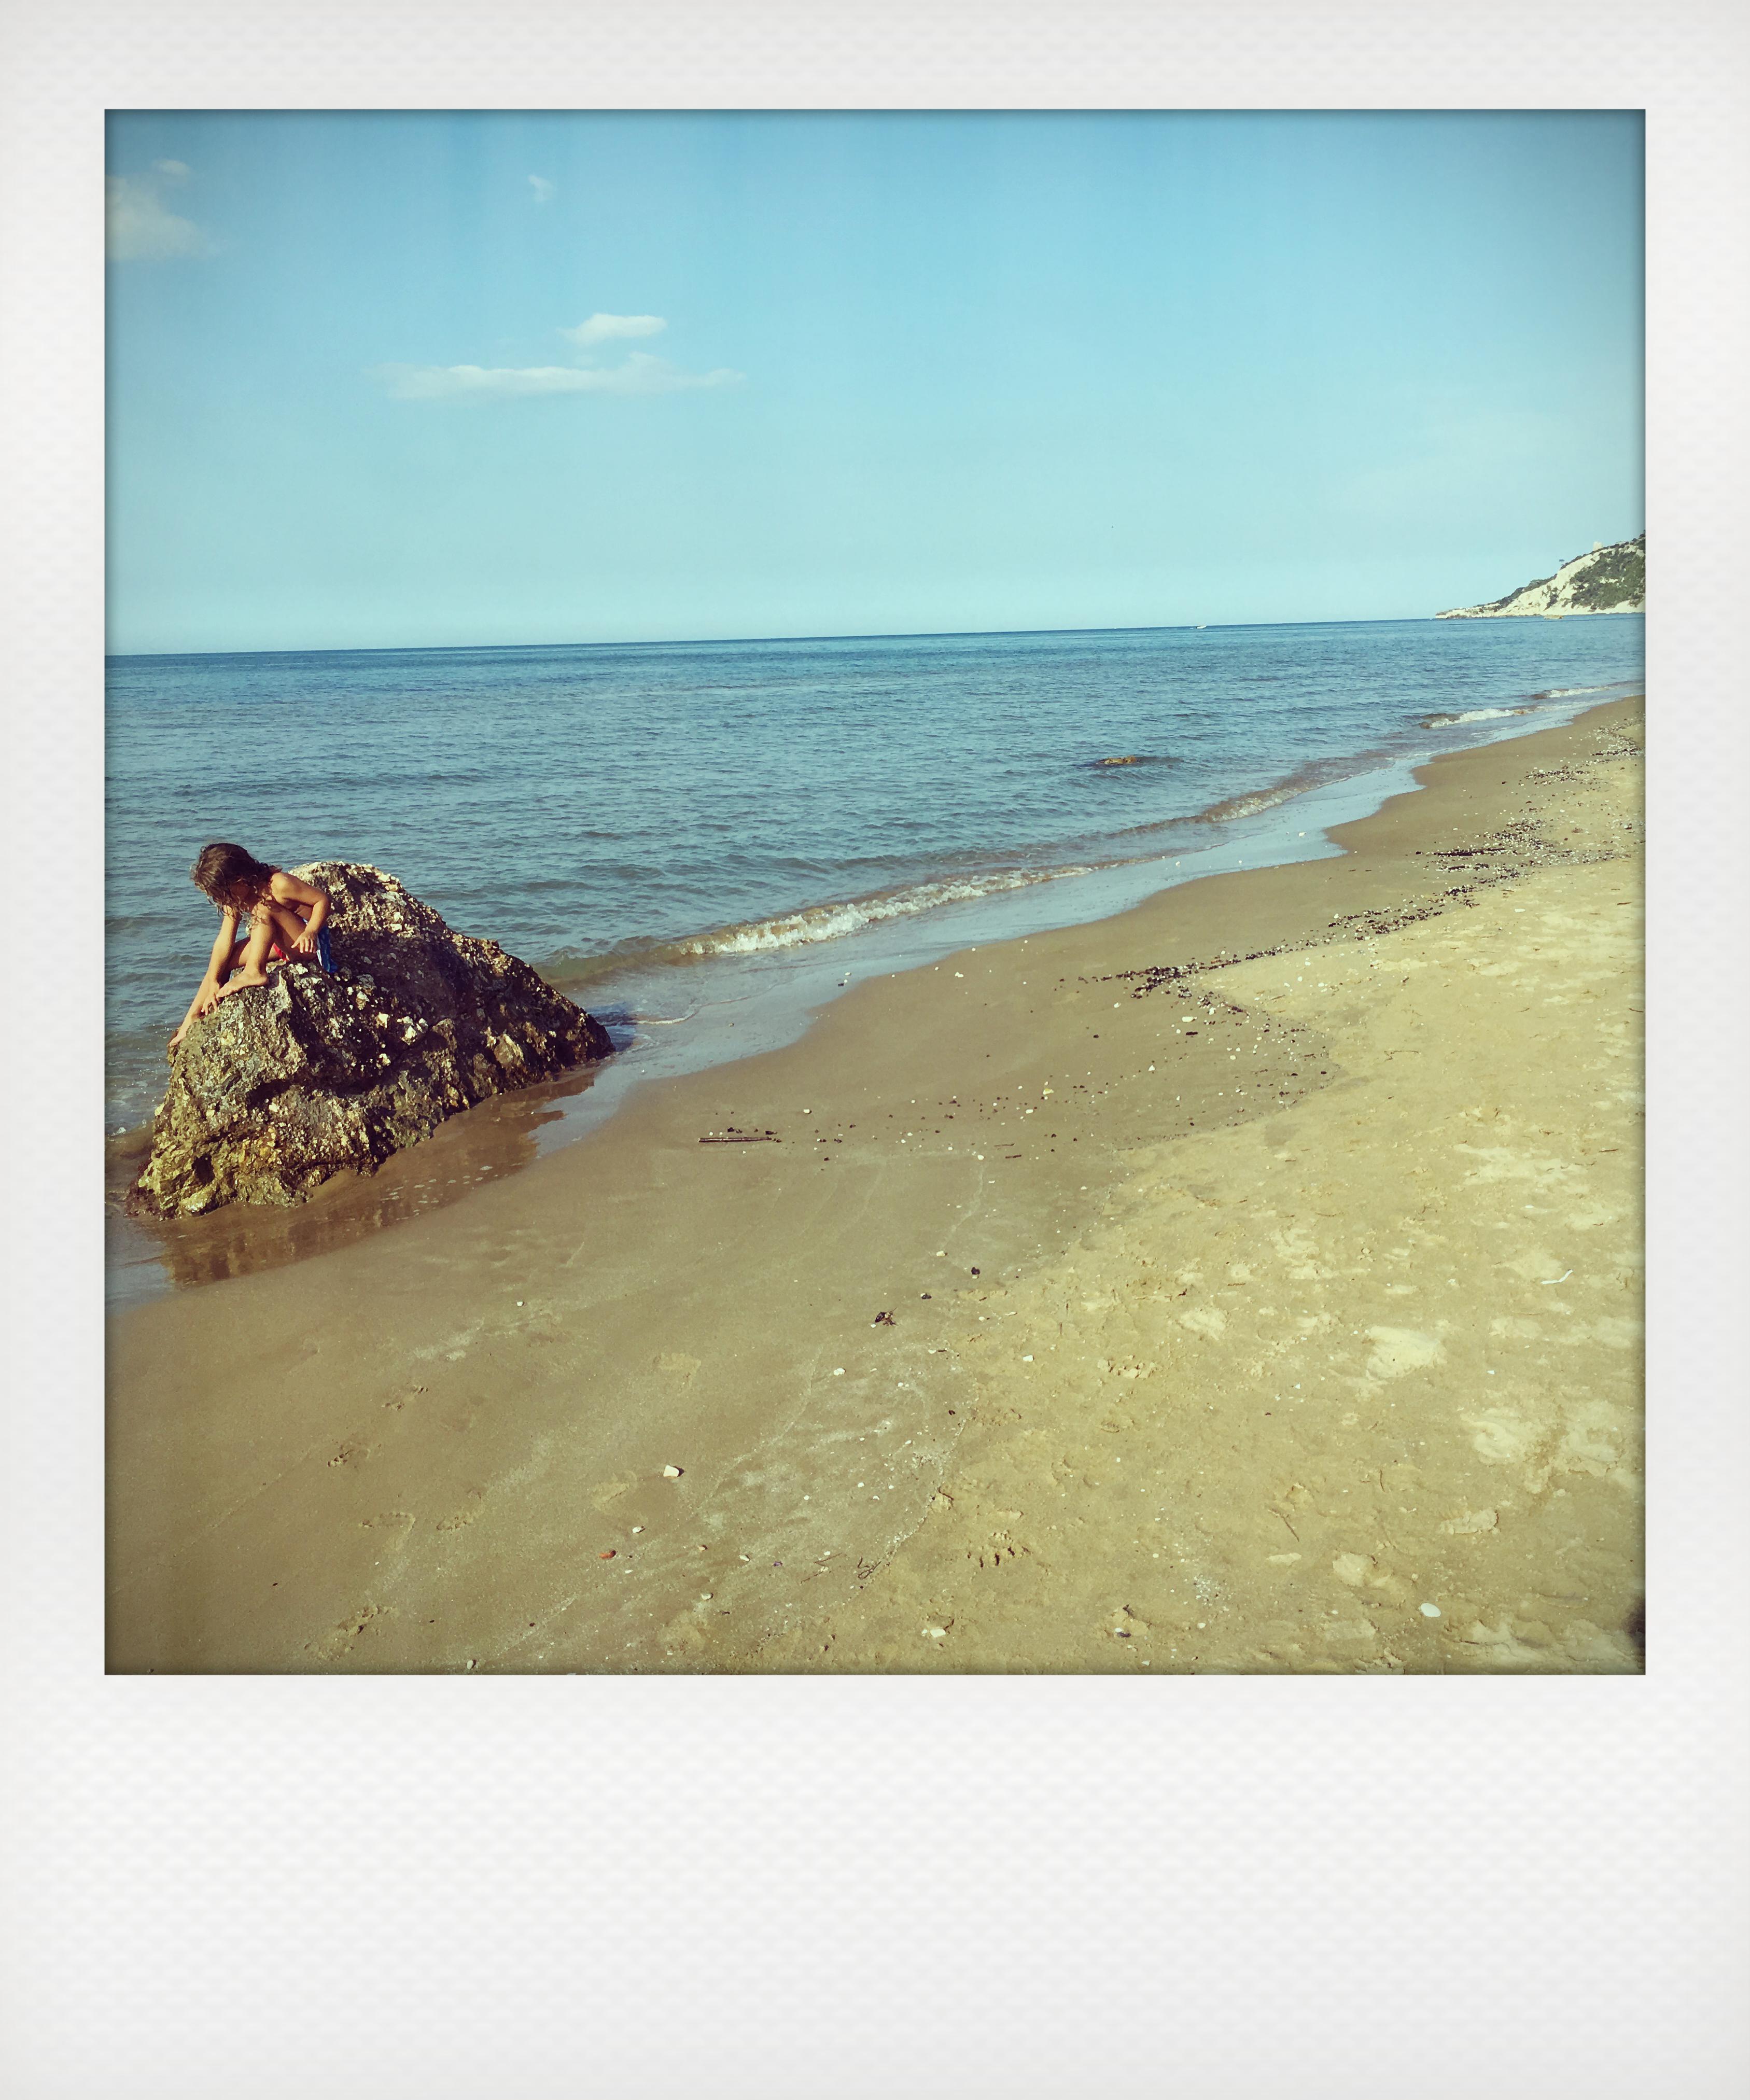 Le spiagge del Gargano più belle con i bambini